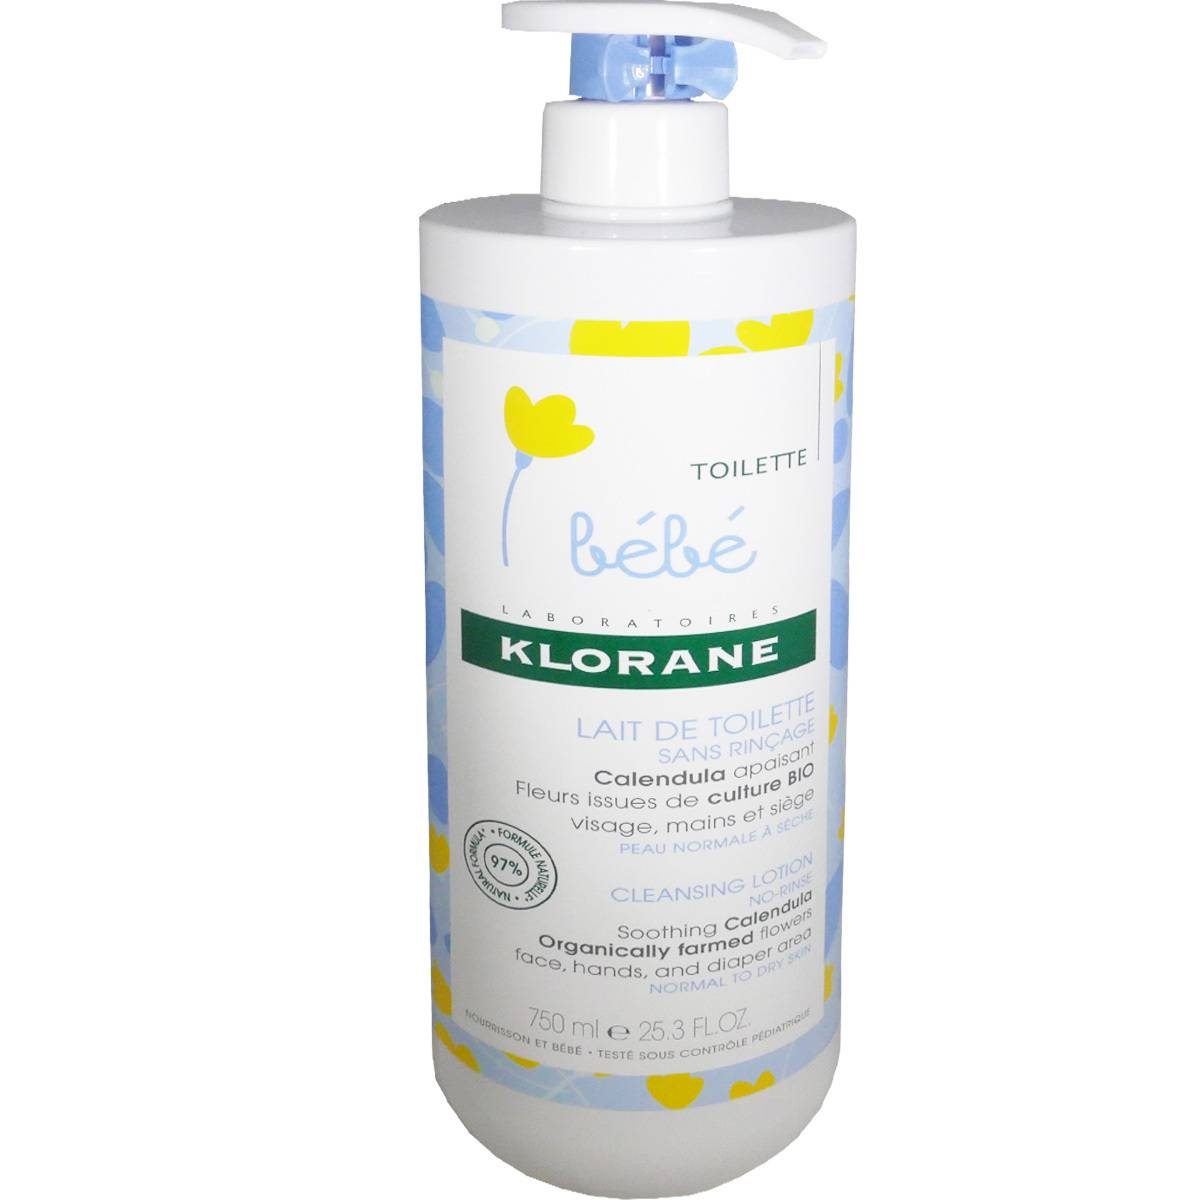 Klorane lait de toilette bio 750 ml